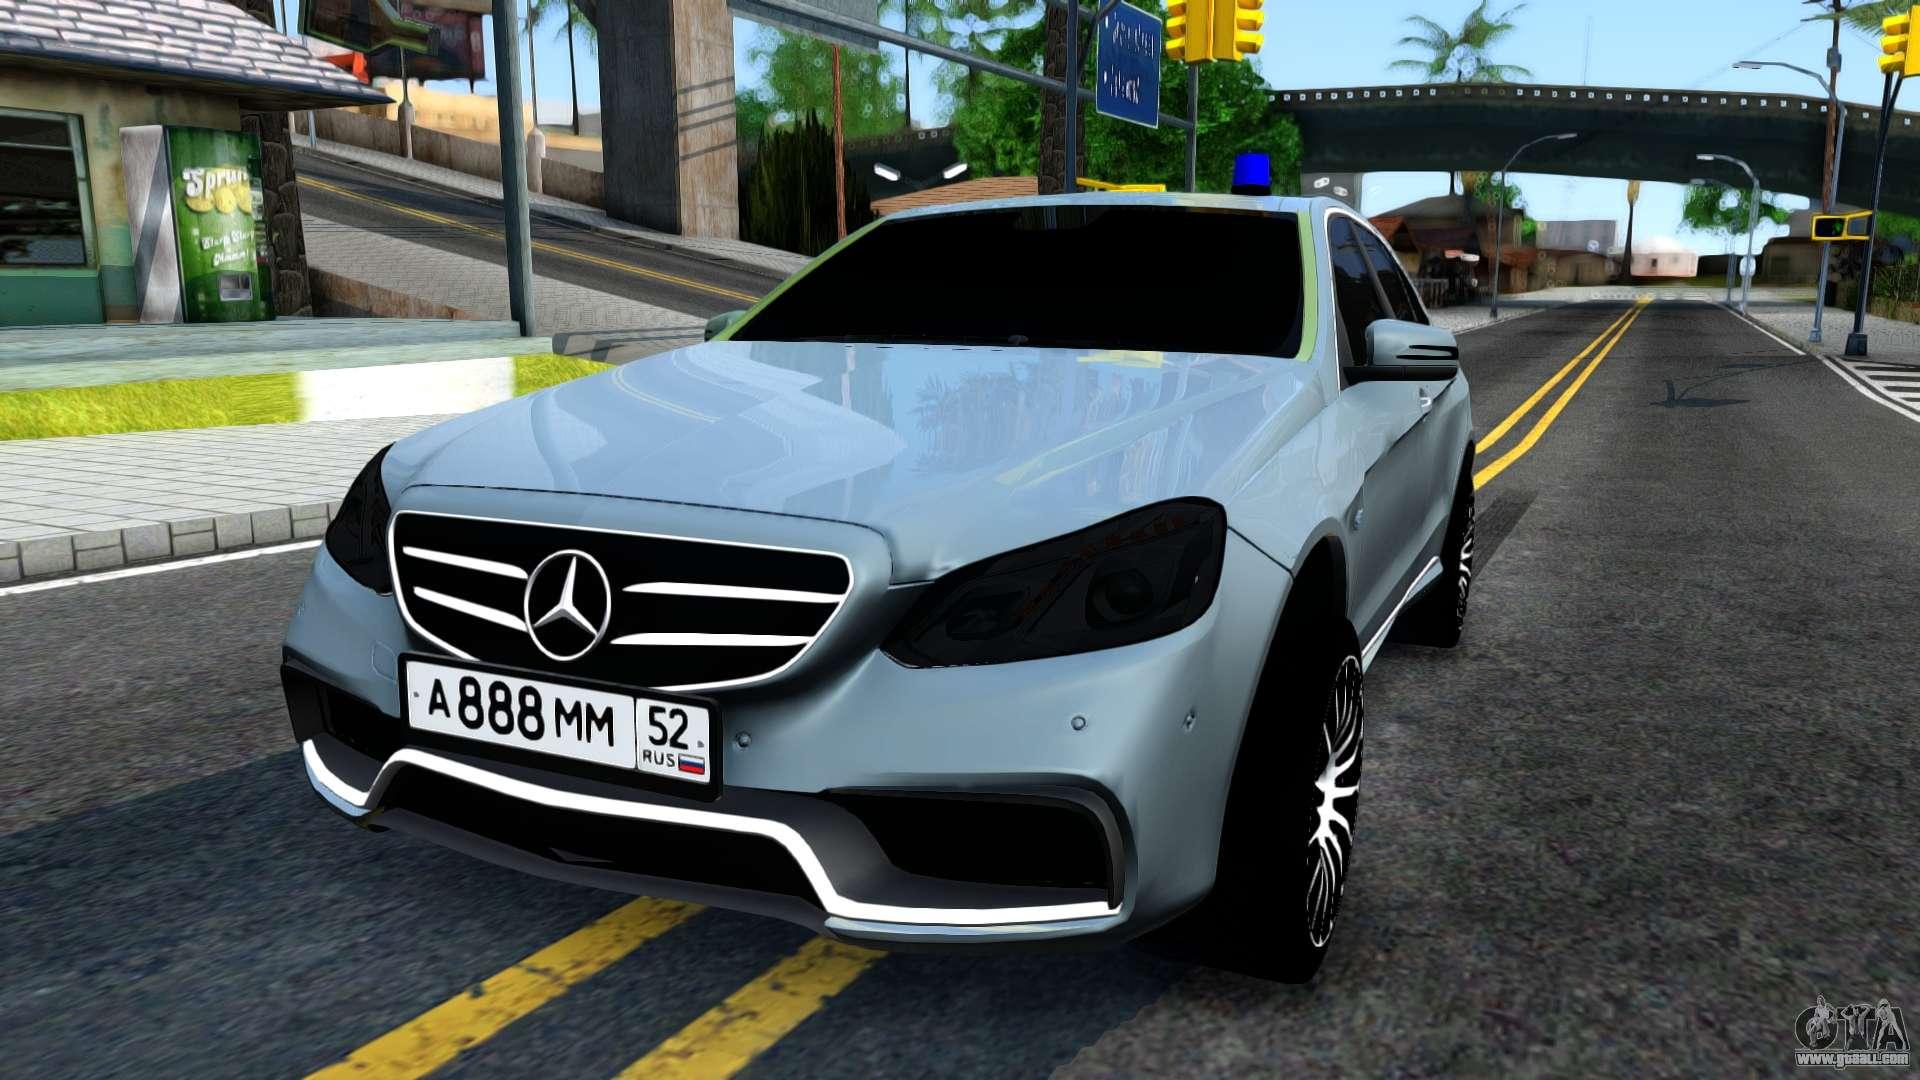 Mercedes benz e63 amg for gta san andreas for Mercedes benz e63 amg